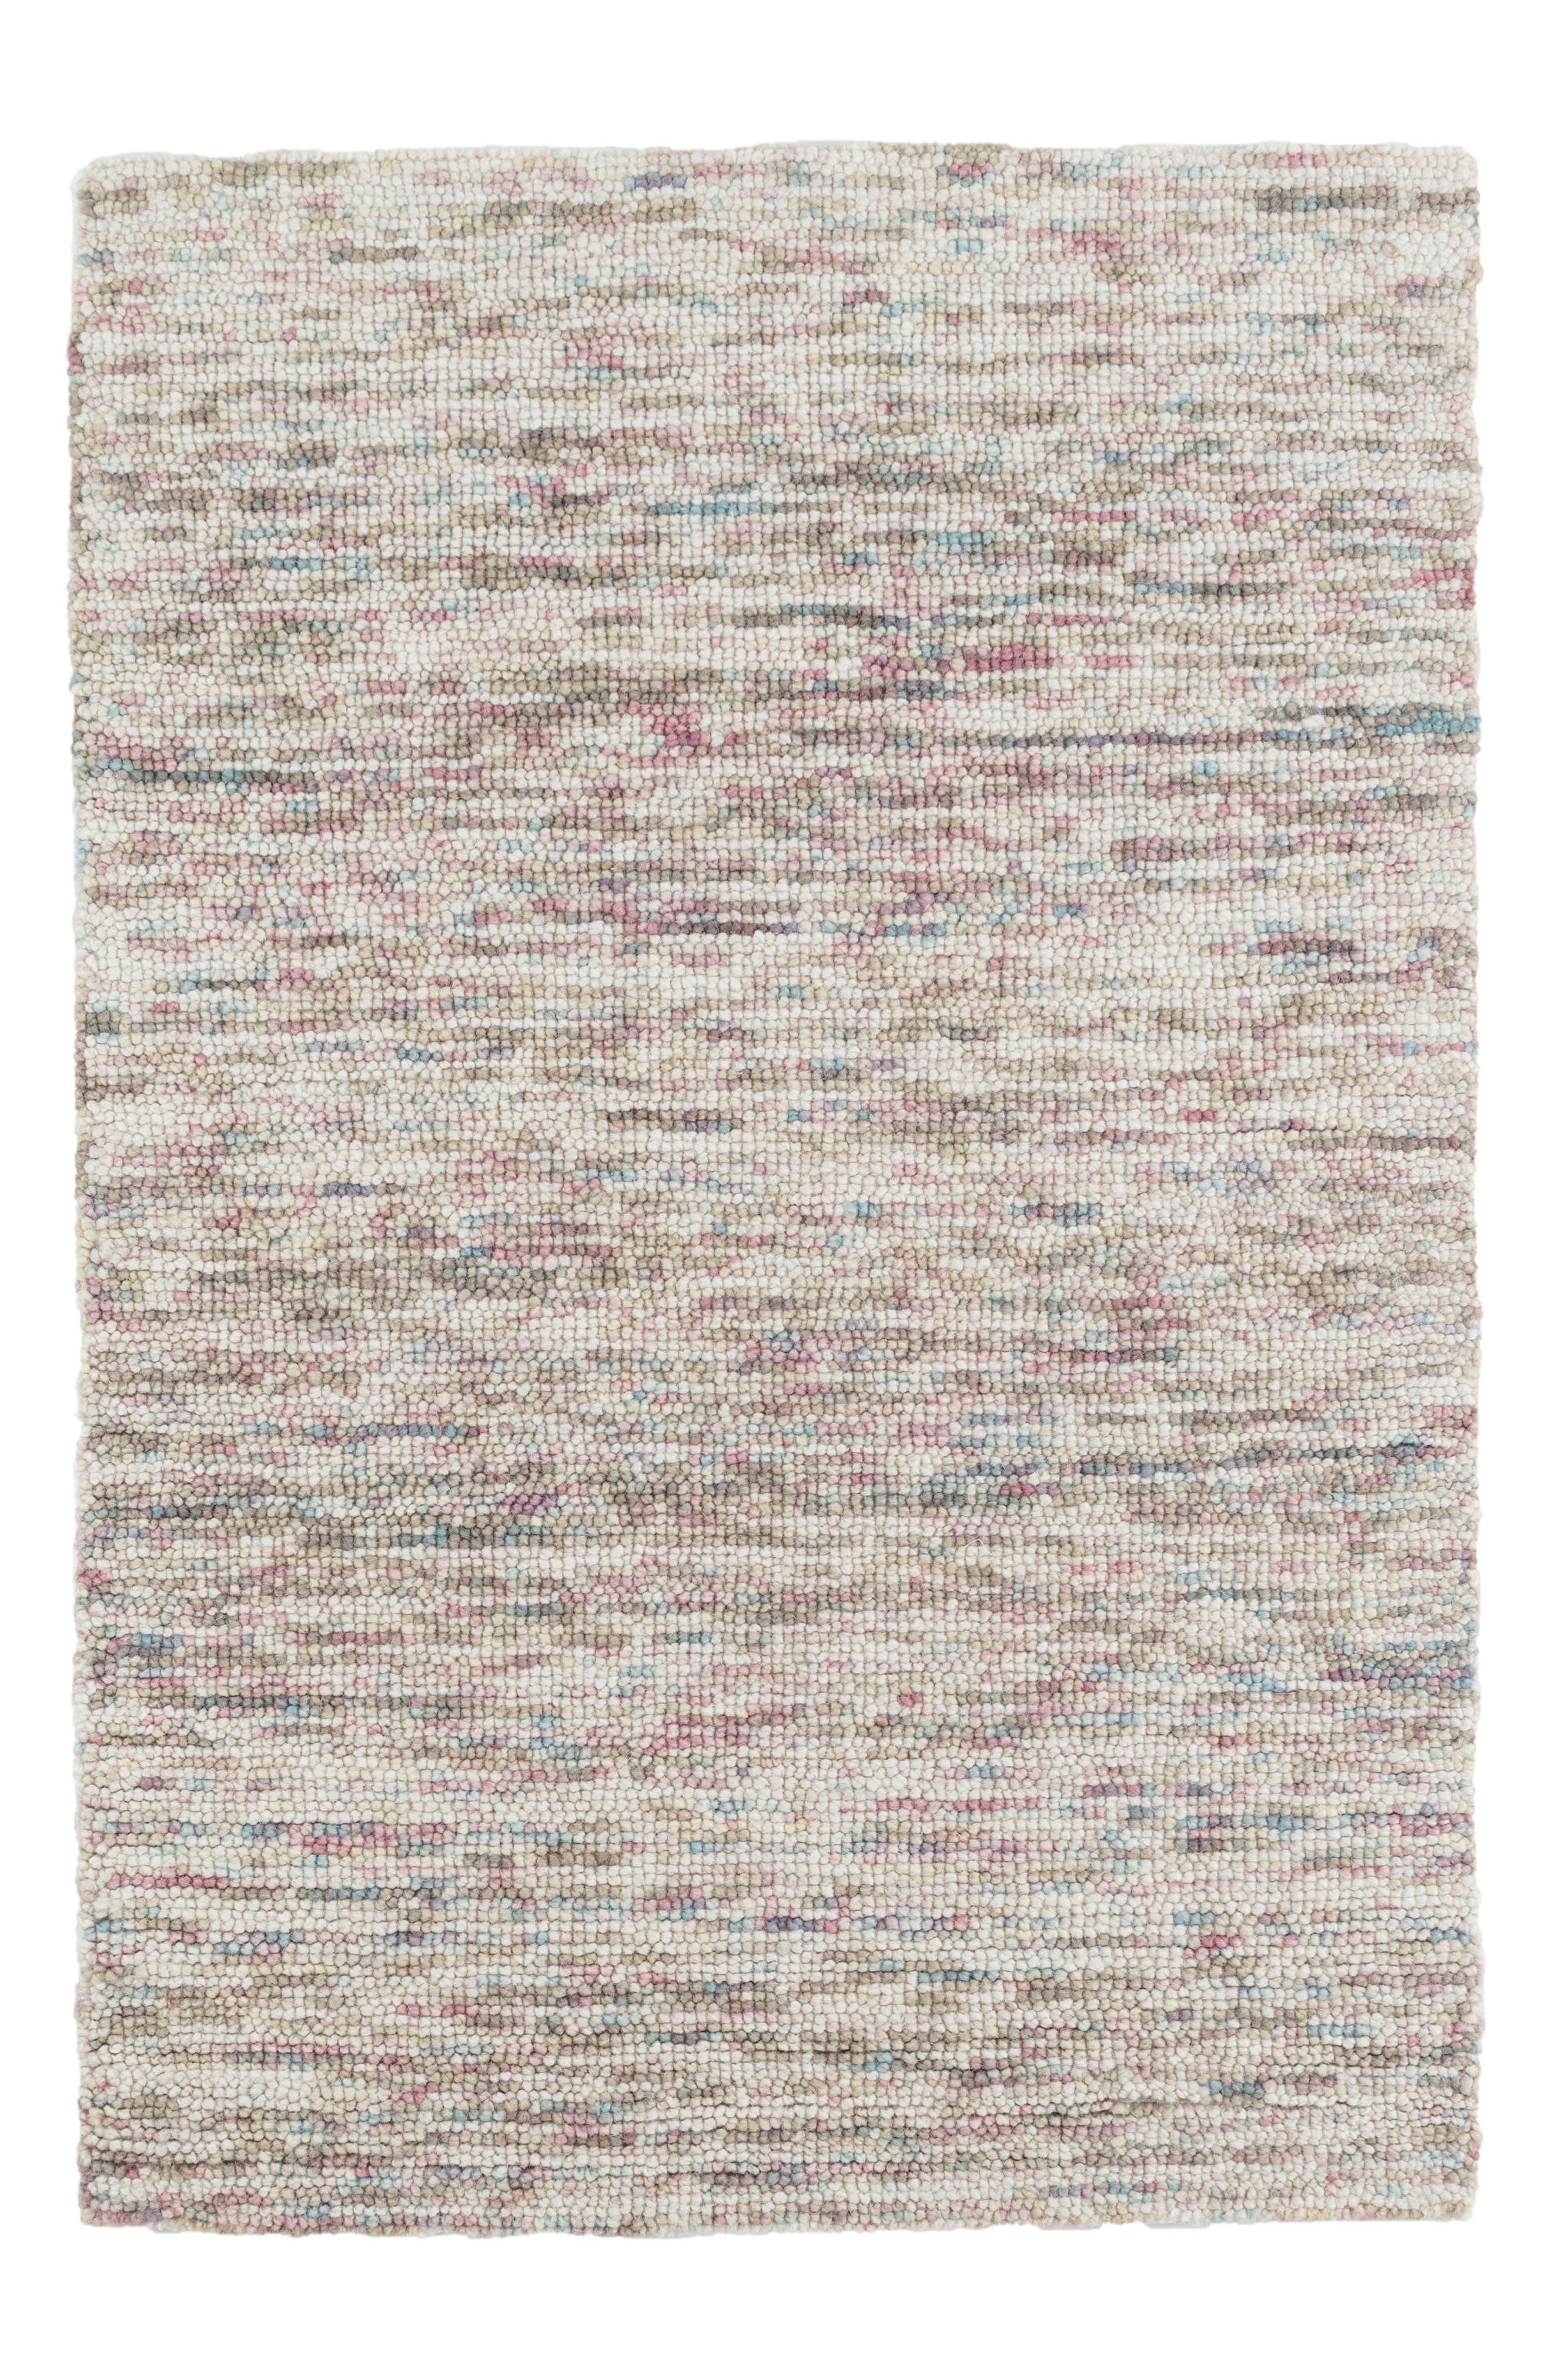 Main Image - Dash & Albert Artisanal Hooked Wool Rug